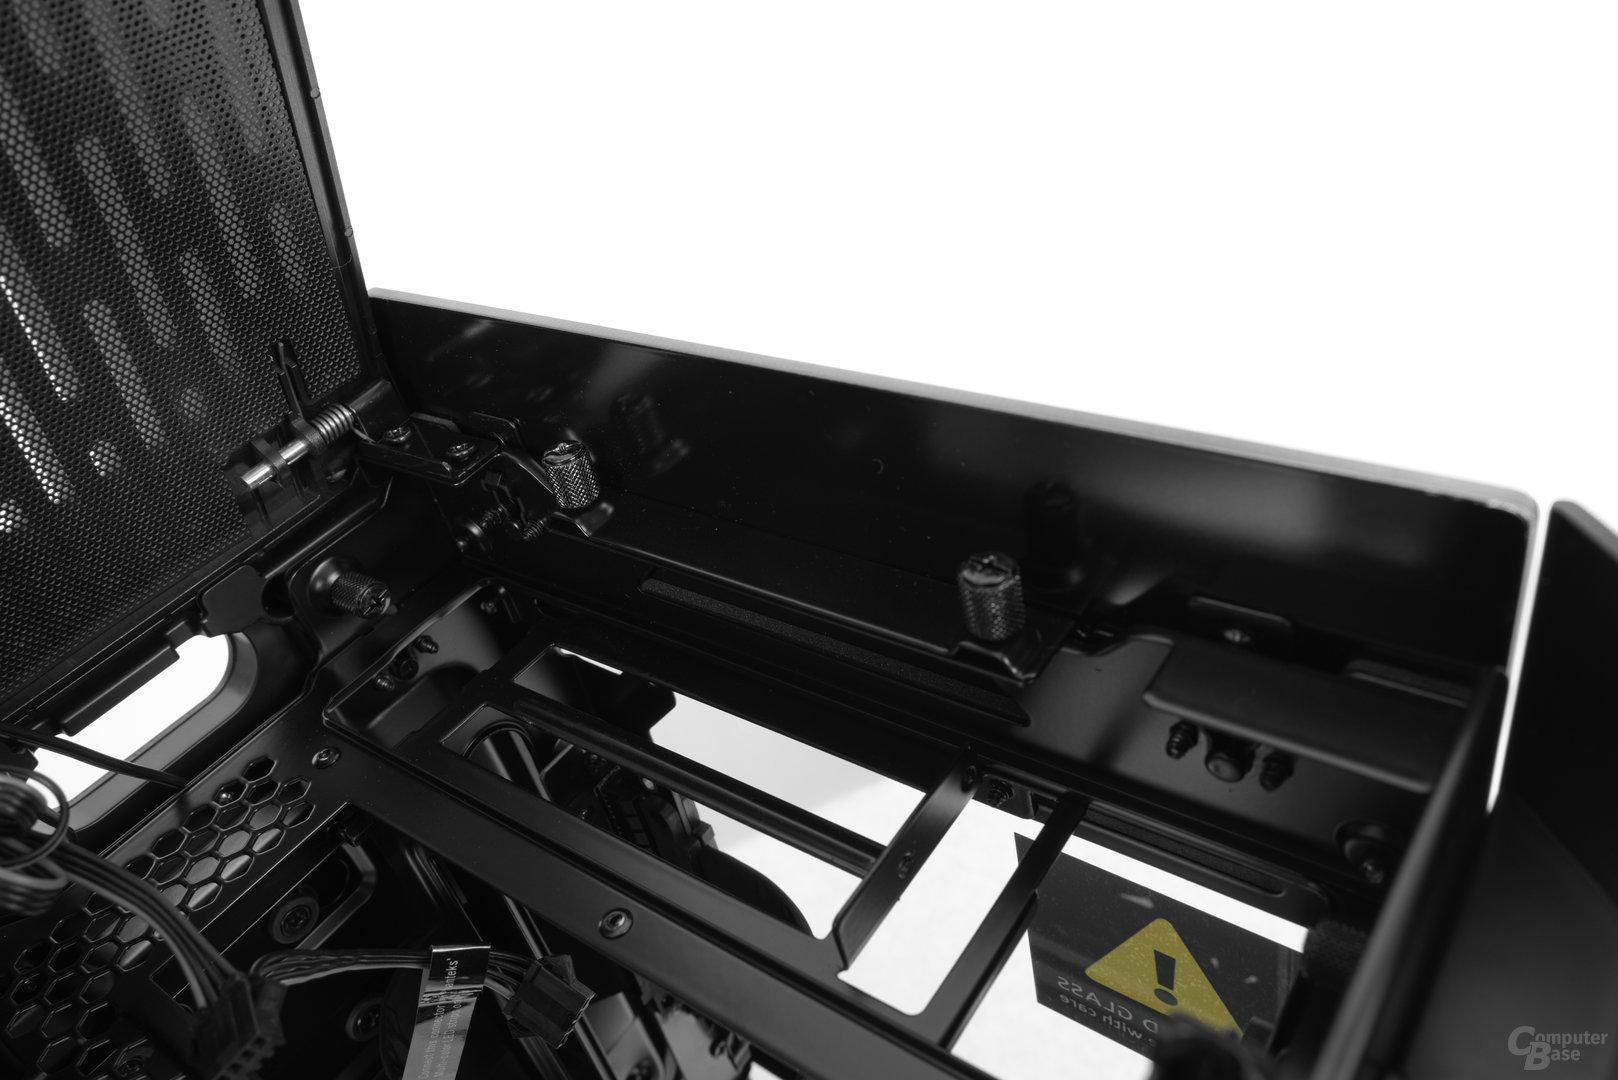 Phanteks Enthoo Evolv Shift – Unter dem Deckel befinden sich später die Anschlüsse des Mainboards